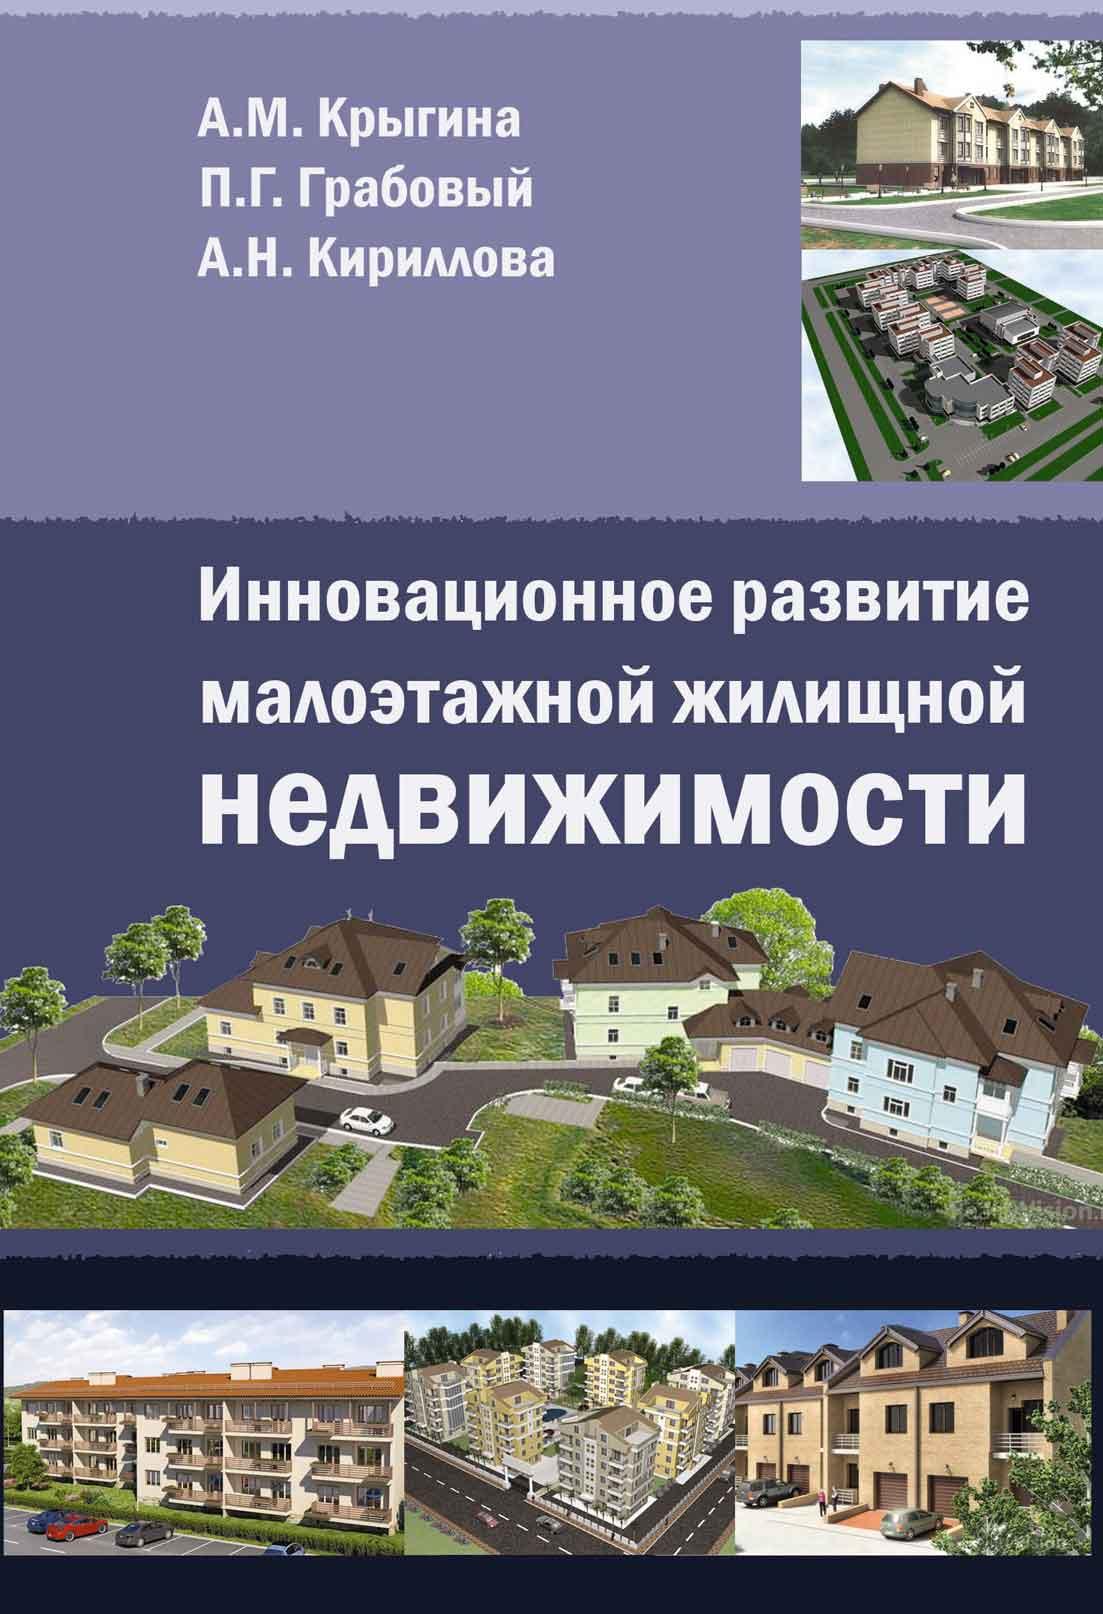 А. М. Крыгина Инновационное развитие малоэтажной жилищной недвижимости